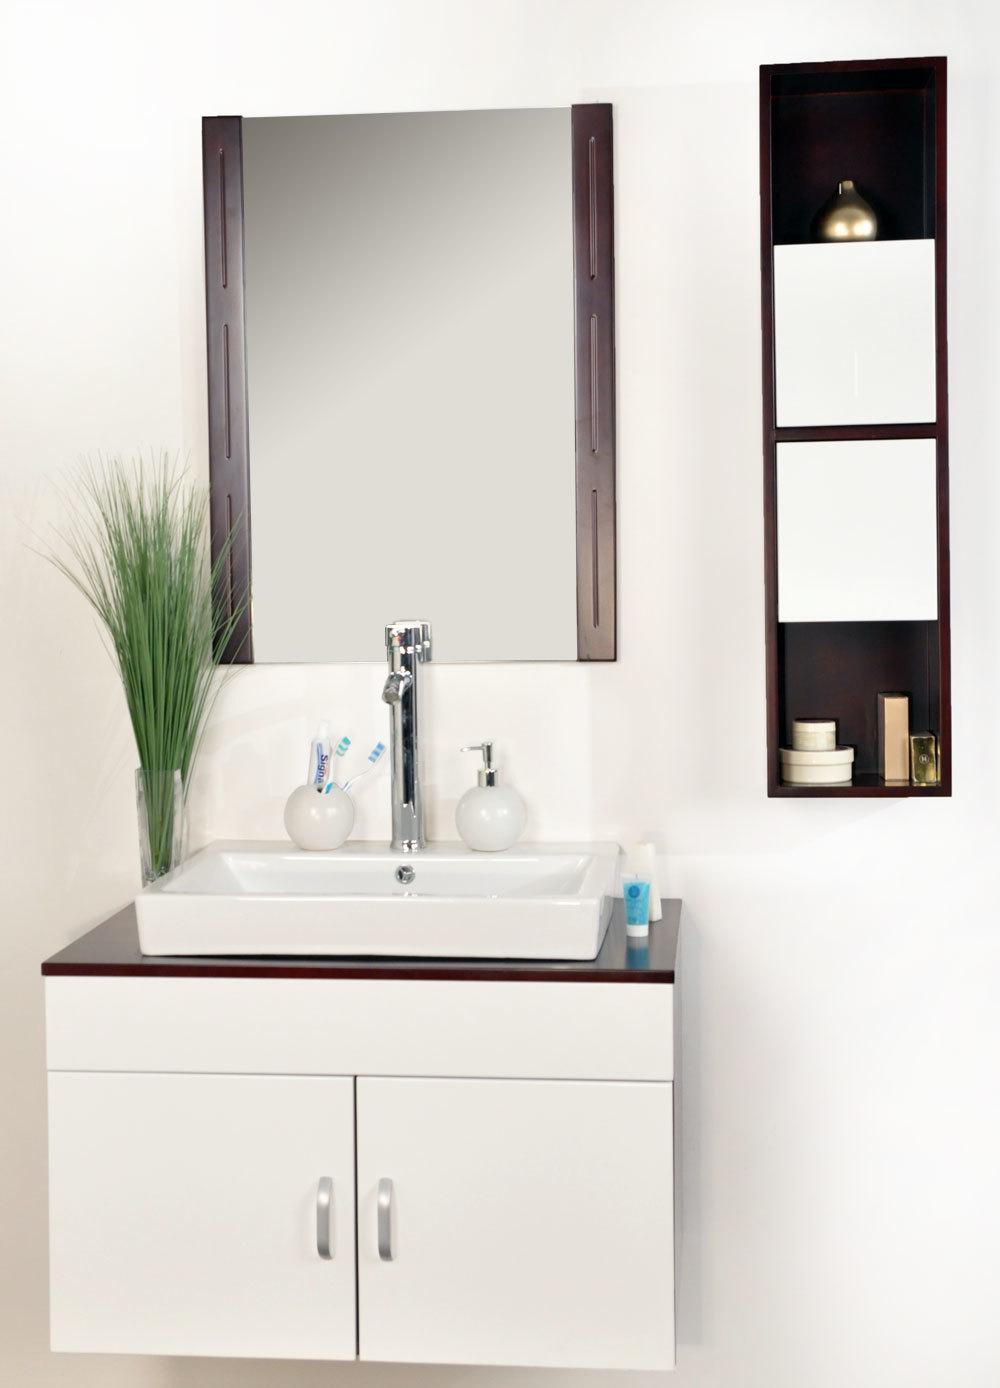 Lavabos Vidrio Para Baño:-de-muebles-de-cuarto-de-bano-adelaide-lavabo-mueble-bajo-lavabo